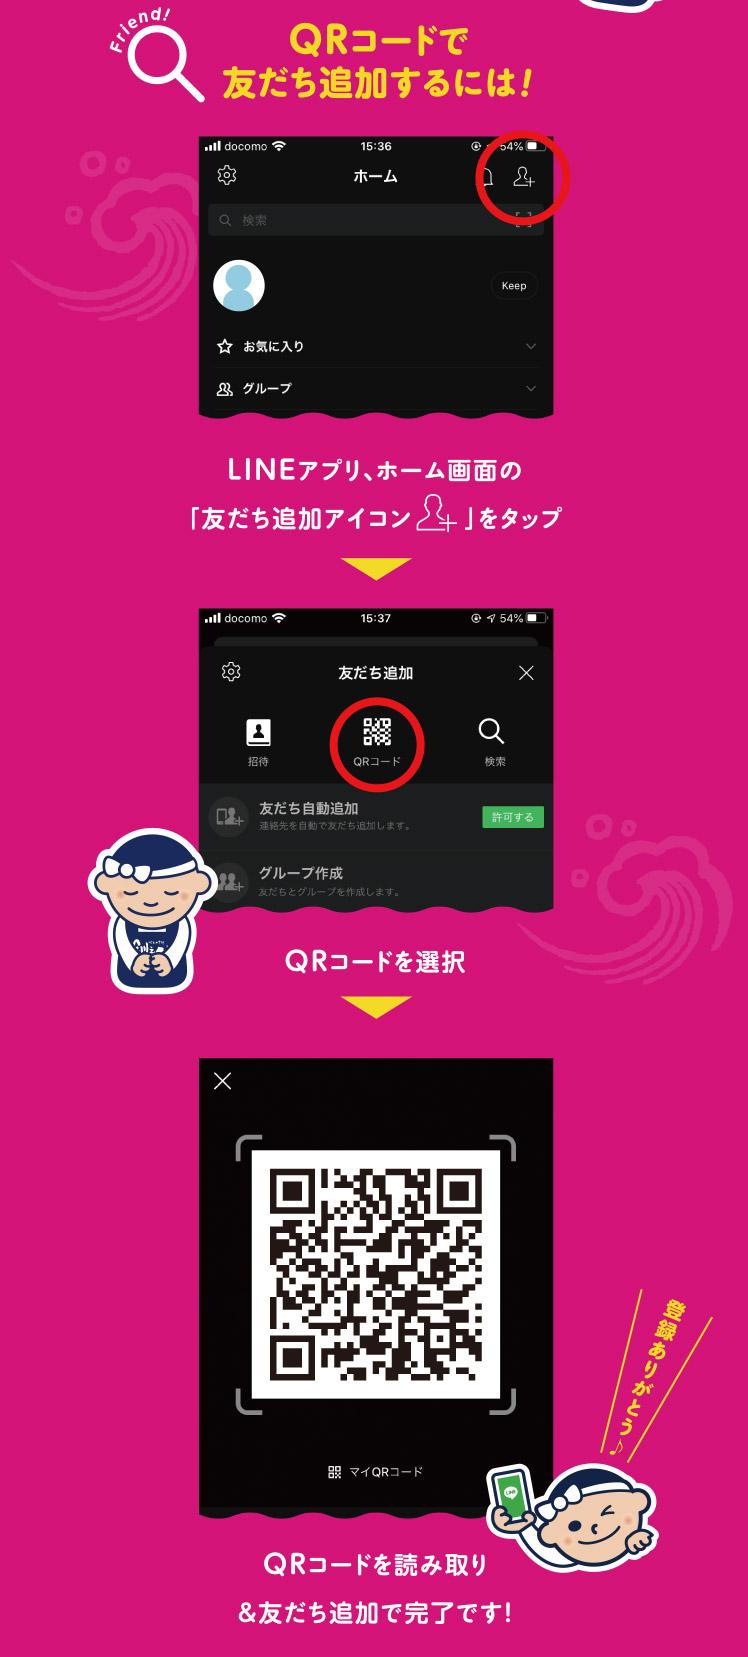 QRコードで友だち追加するには! LINEアプリ、ホーム画面の「友だち追加アイコン」をタップ QRコードを選択 QRコードを読み取り&友だち追加で完了です!